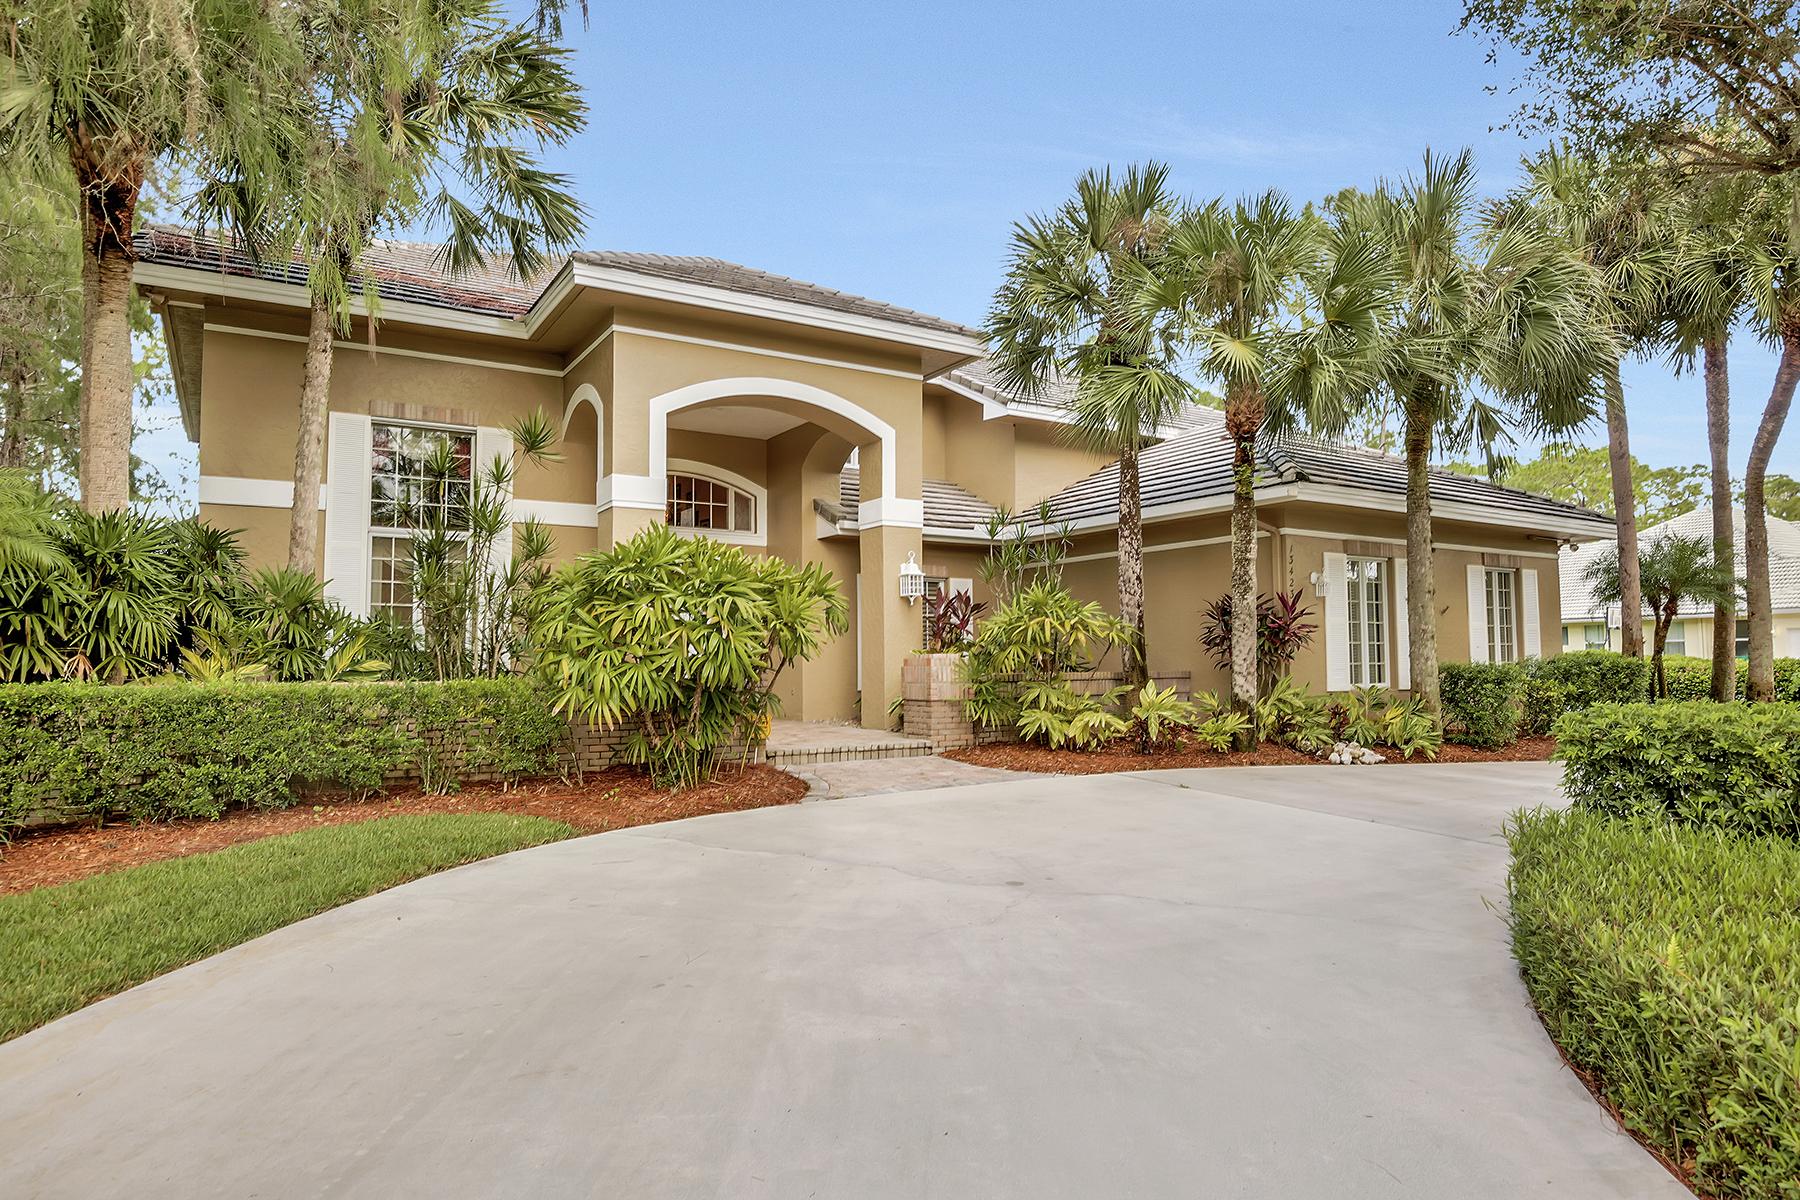 Maison unifamiliale pour l Vente à QUAIL CREEK 13423 Pond Apple Dr E Quail Creek, Naples, Florida, 34119 États-Unis